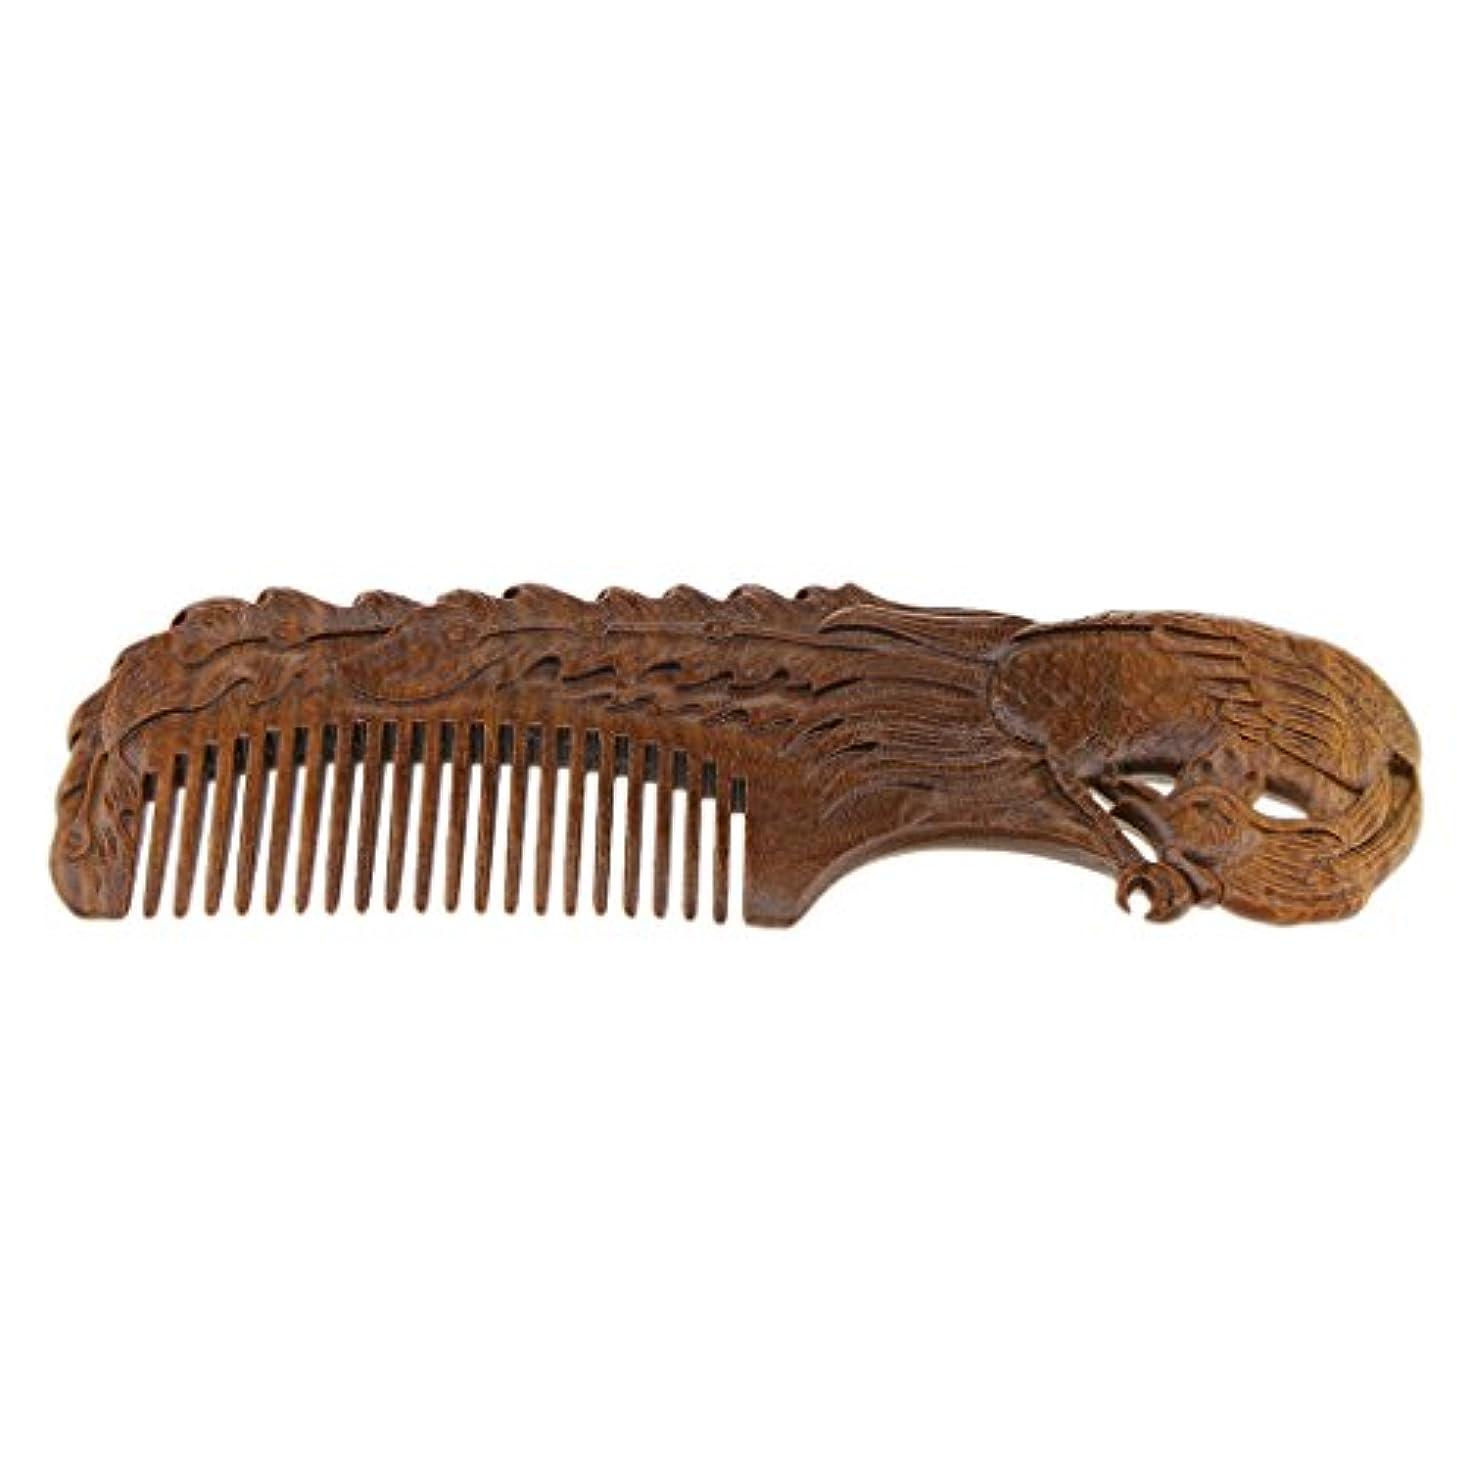 ありふれたシリンダー誘導ウッドコーム 木製コーム 木製櫛 ヘアブラシ ヘアコーム 滑らかな歯 頭皮マッサージ 全2種類選択 - Phoenix